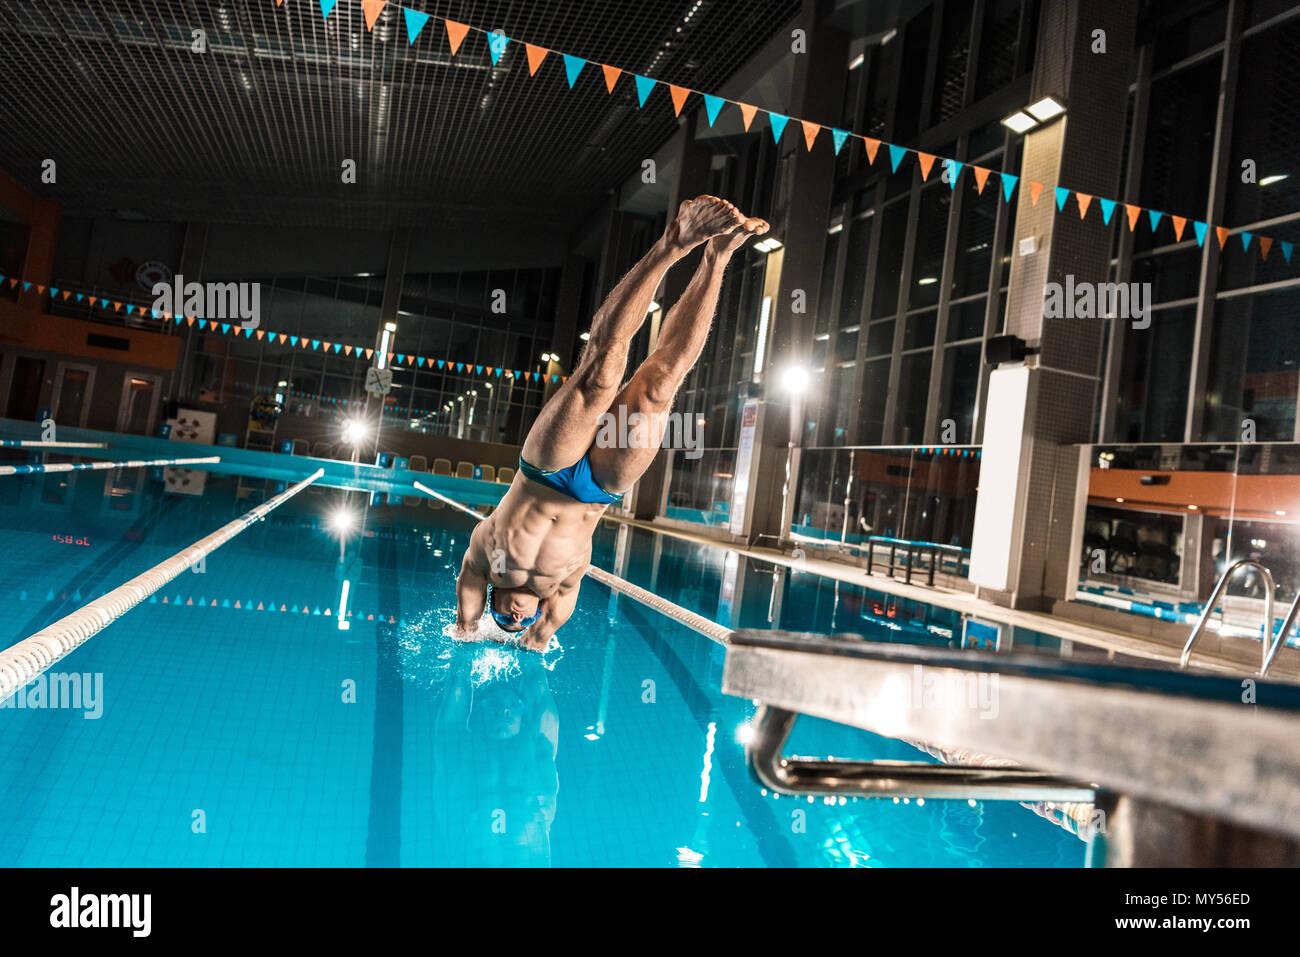 Nuotatore immersioni subacquee in concorrenza piscina Foto Stock